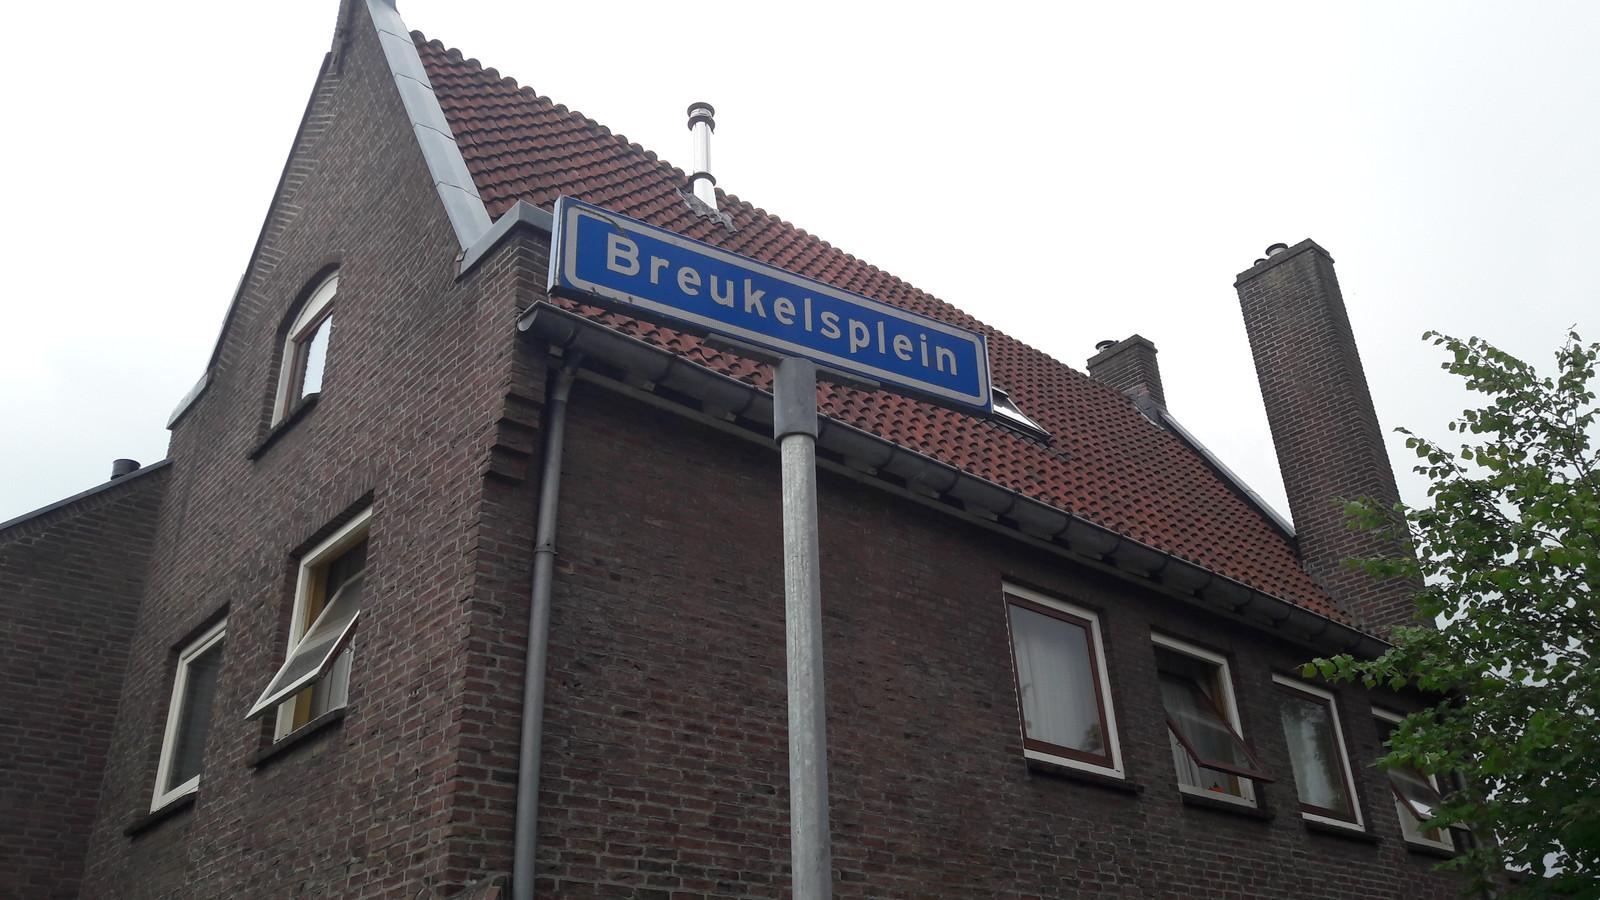 Een 19-jarige Boxtelaar die wordt verdacht van drugs dealen, werd dinsdagavond opgepakt op het Breukelsplein in zijn woonplaats.